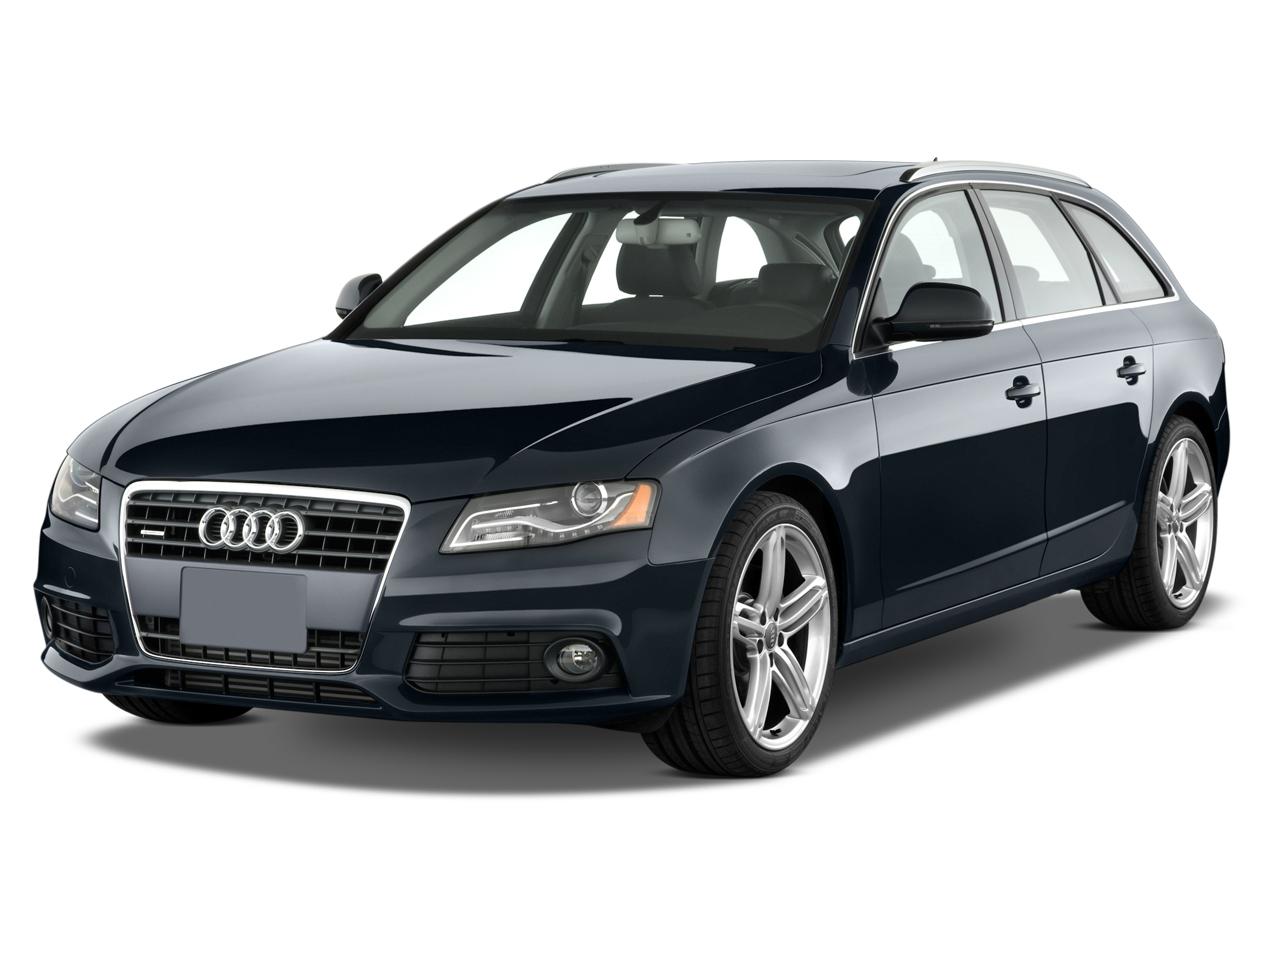 Kekurangan Audi A4 2012 Perbandingan Harga